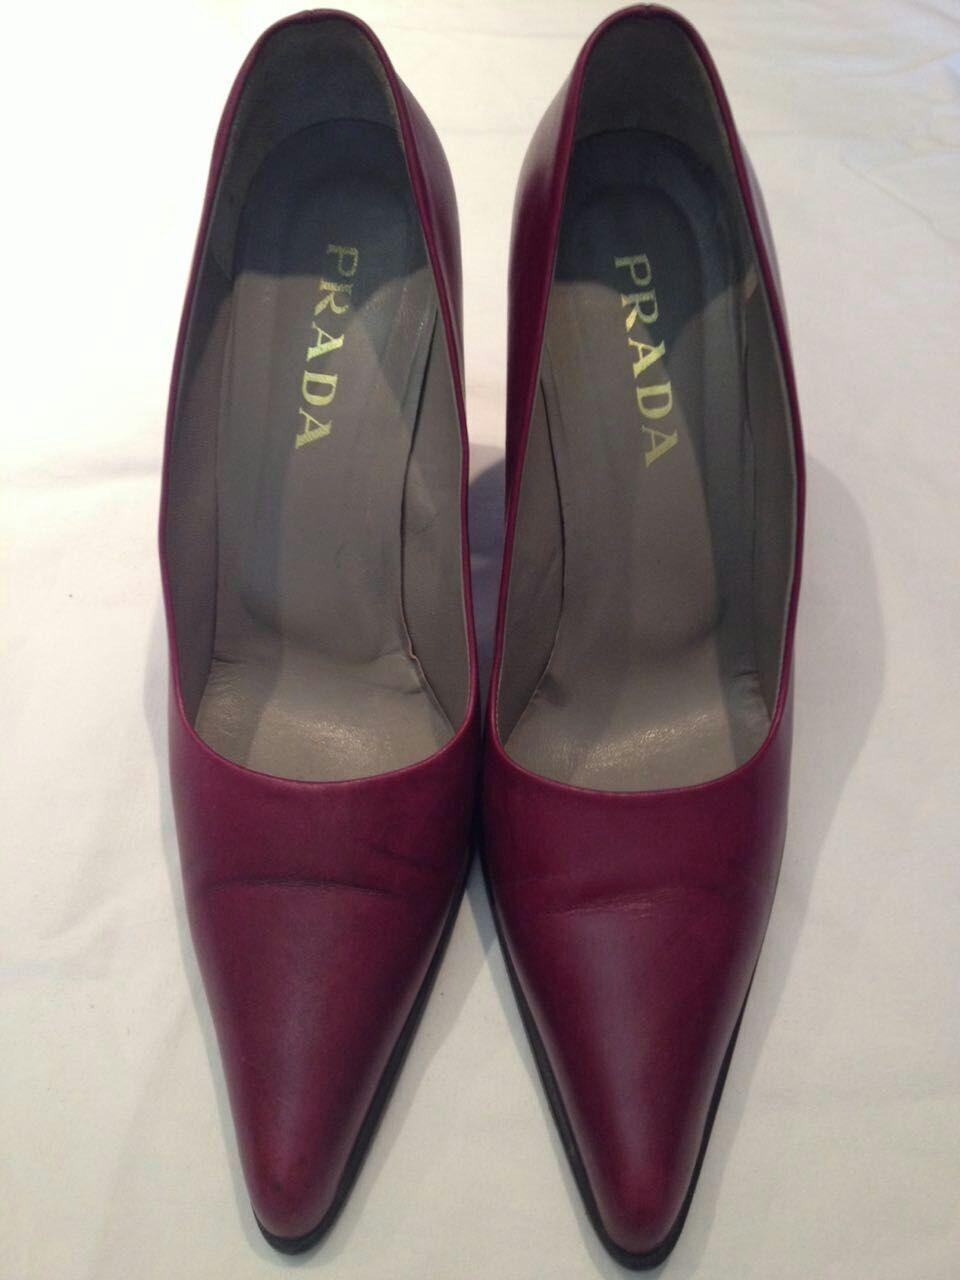 PRADA - Decolté - colore scarpe da donna - colore - bordeaux/prugna - N° 40 - tacco 10,5 e02fde